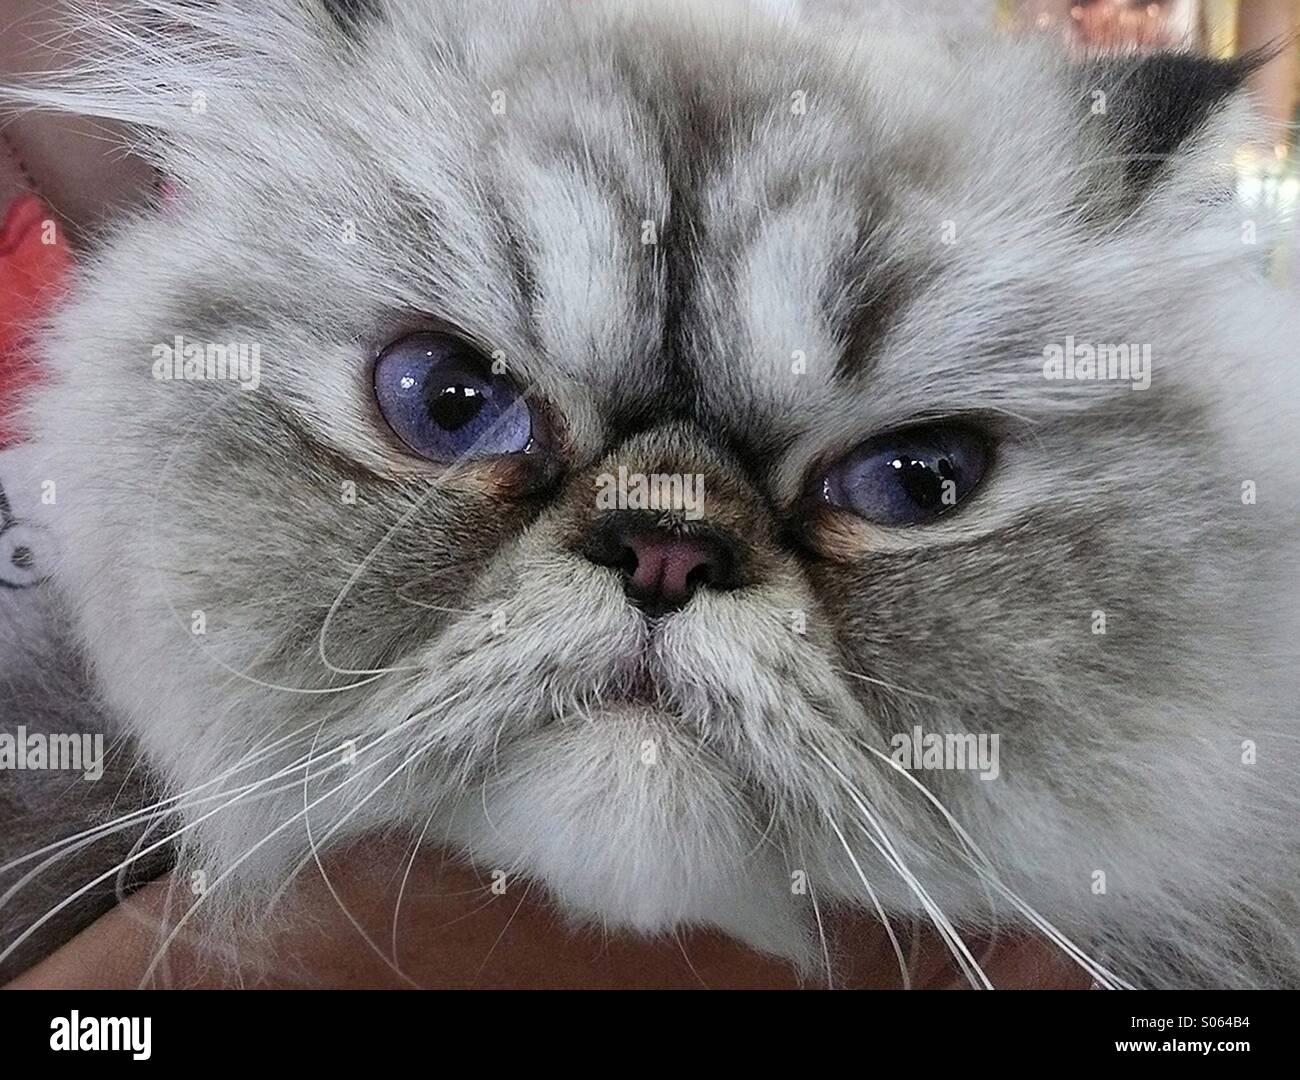 Cat face close-up Immagini Stock